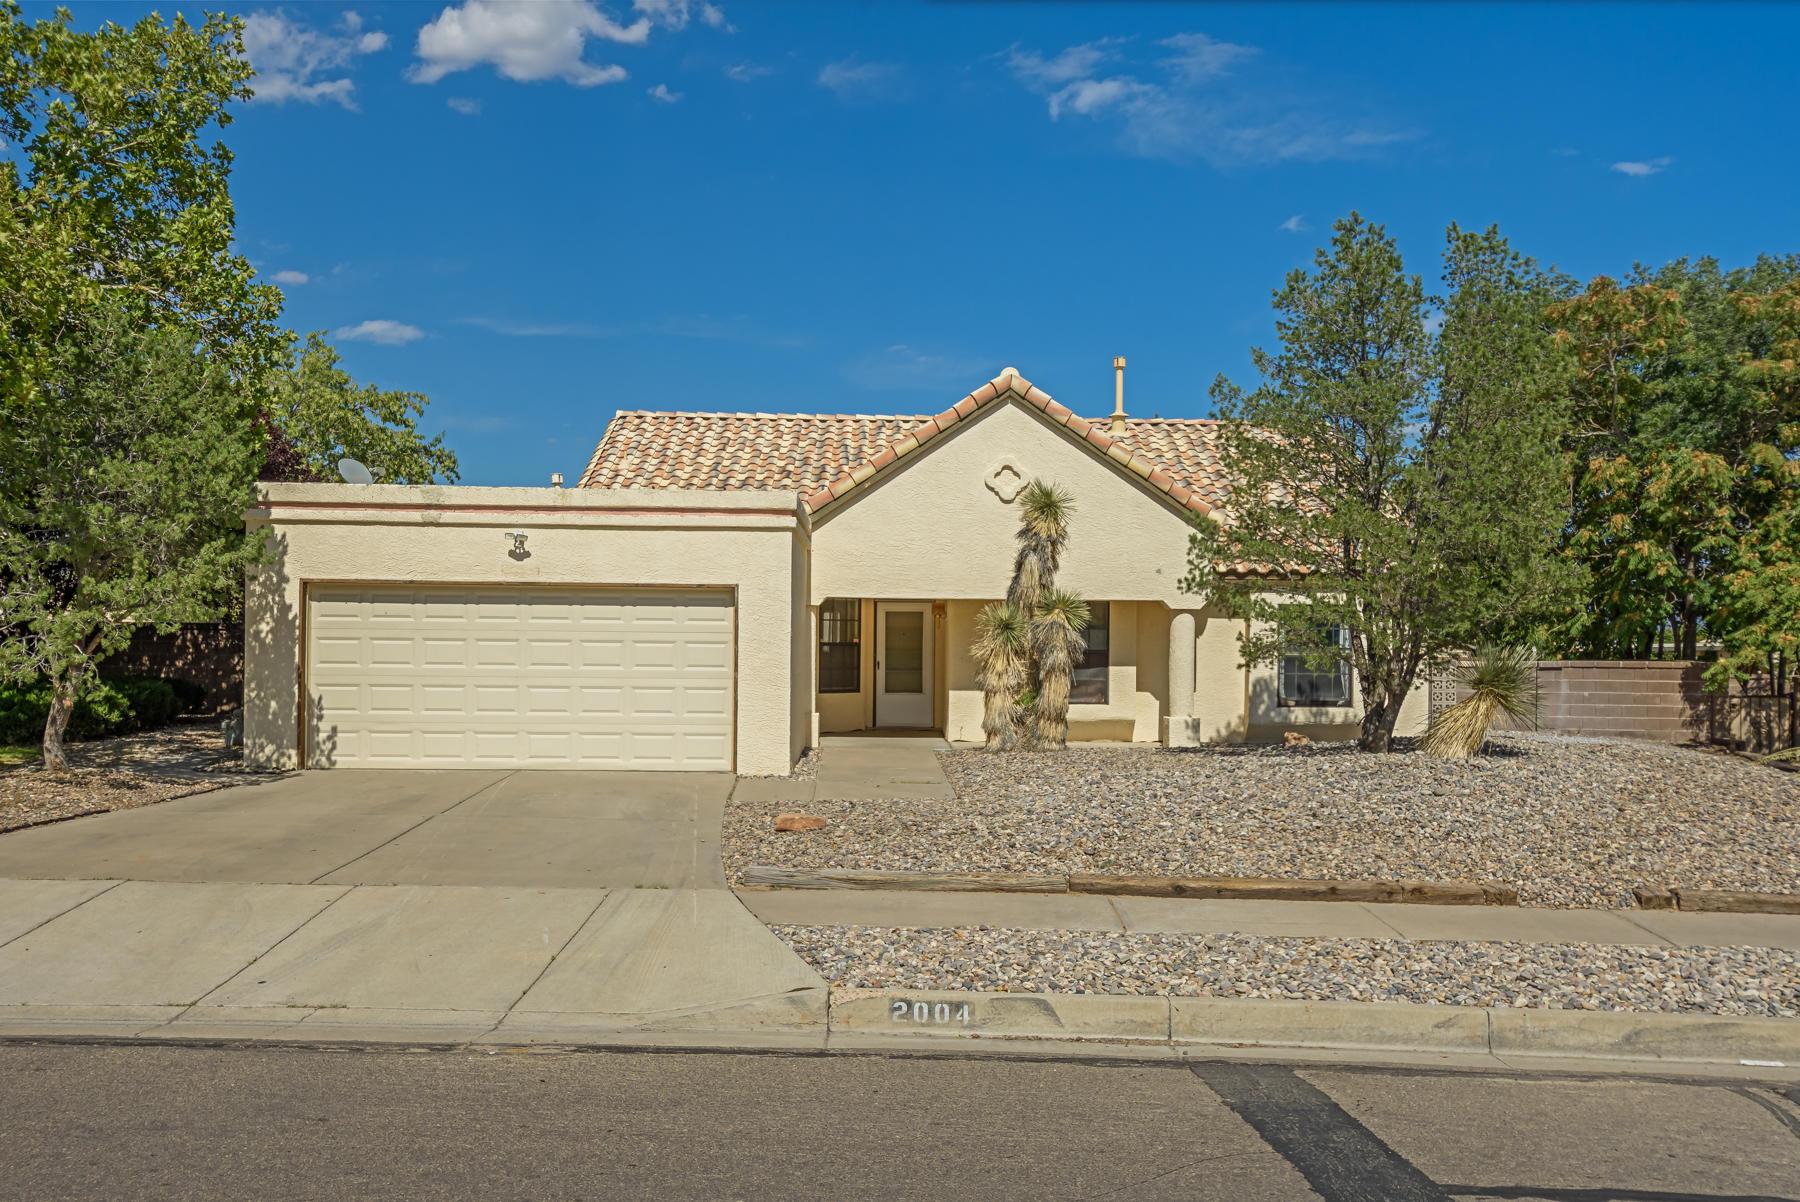 2004 LAKEWOOD Avenue, Albuquerque NM 87120